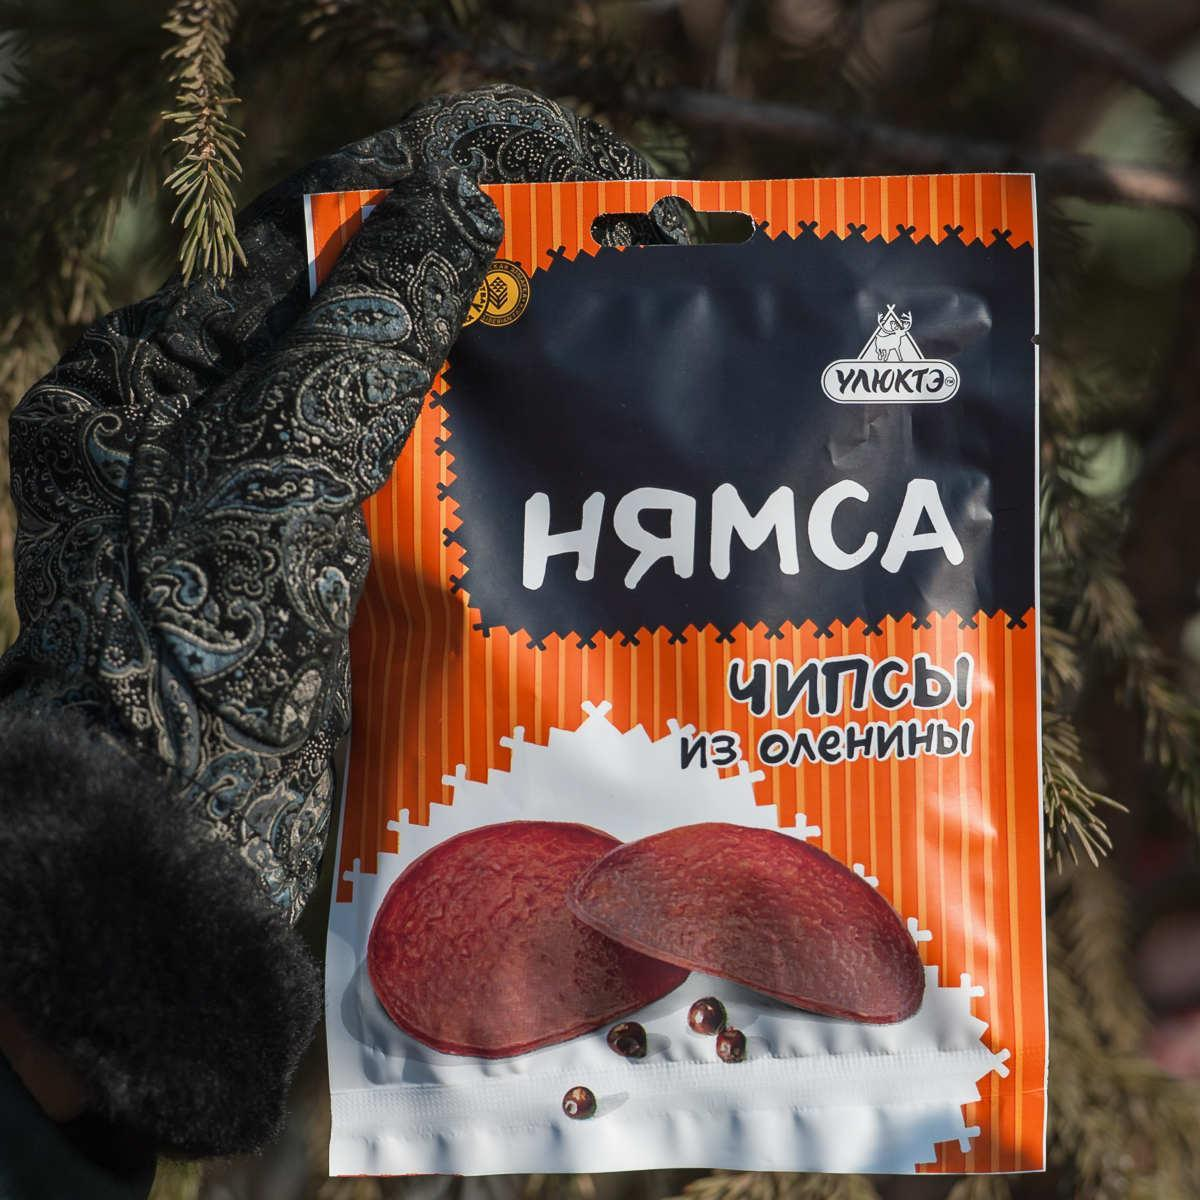 Сибирские деликатесы - мясо северного оленя